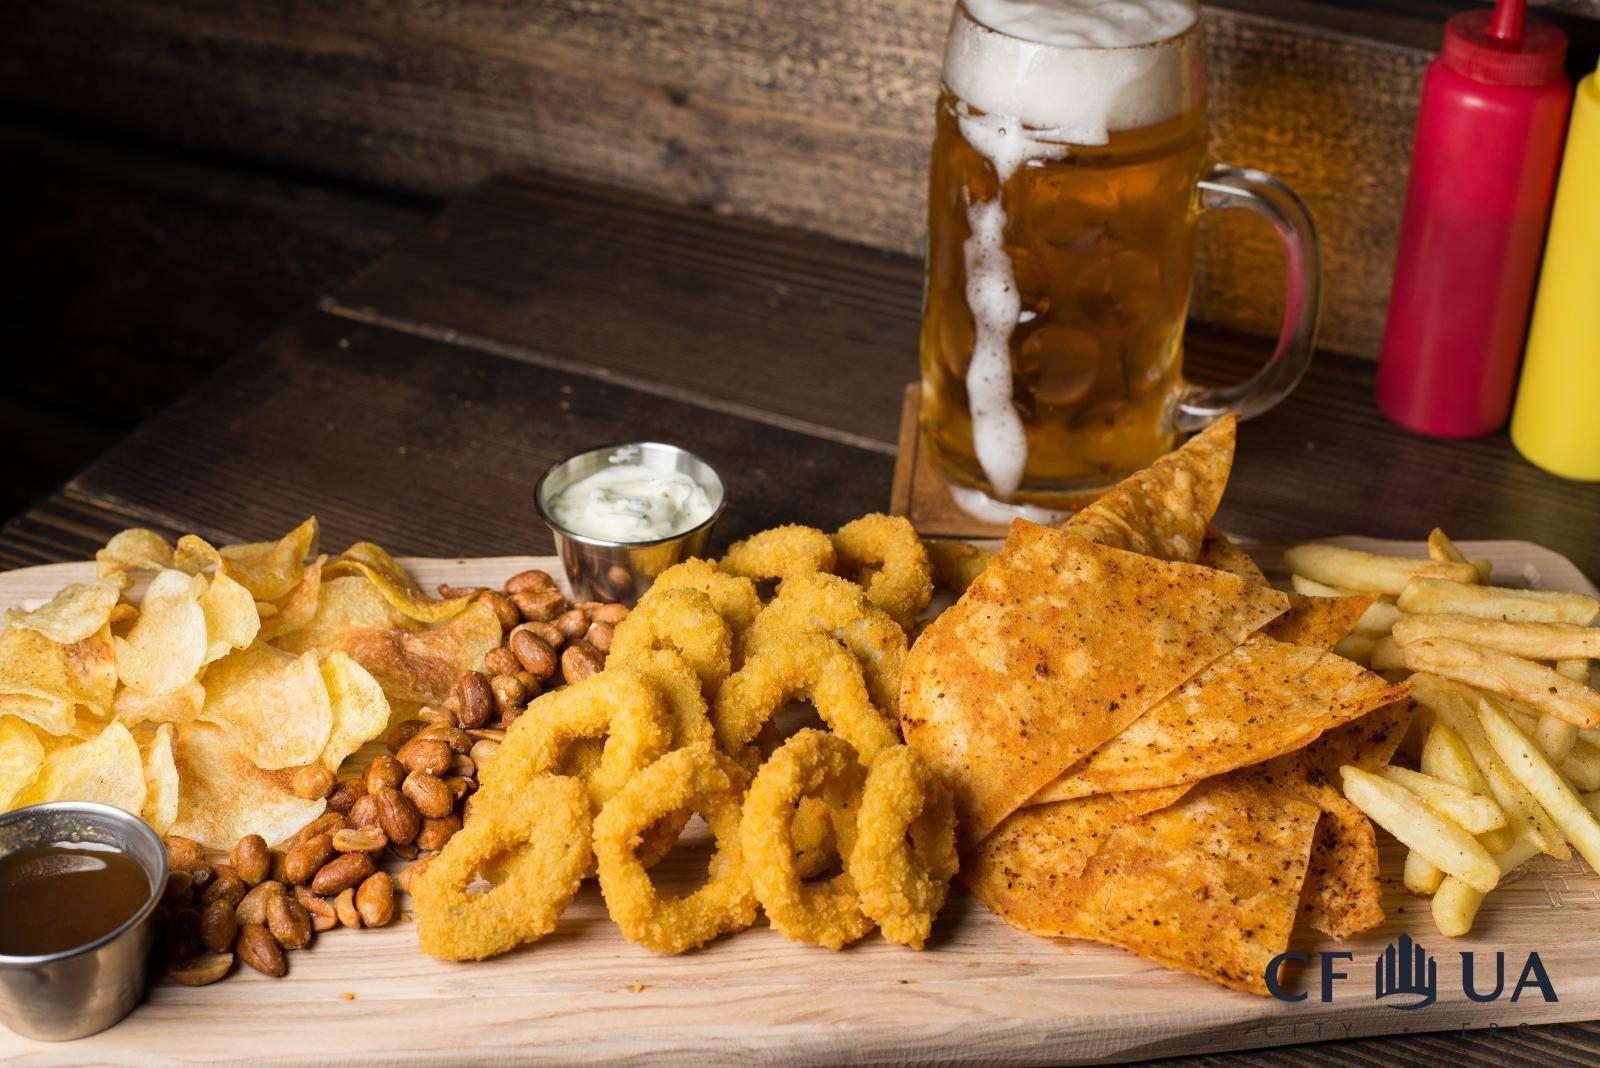 Низкокалорийные закуски к пиву: можно ли пить пиво на диете и существуют ли диетические снеки, самые лучшие рецепты